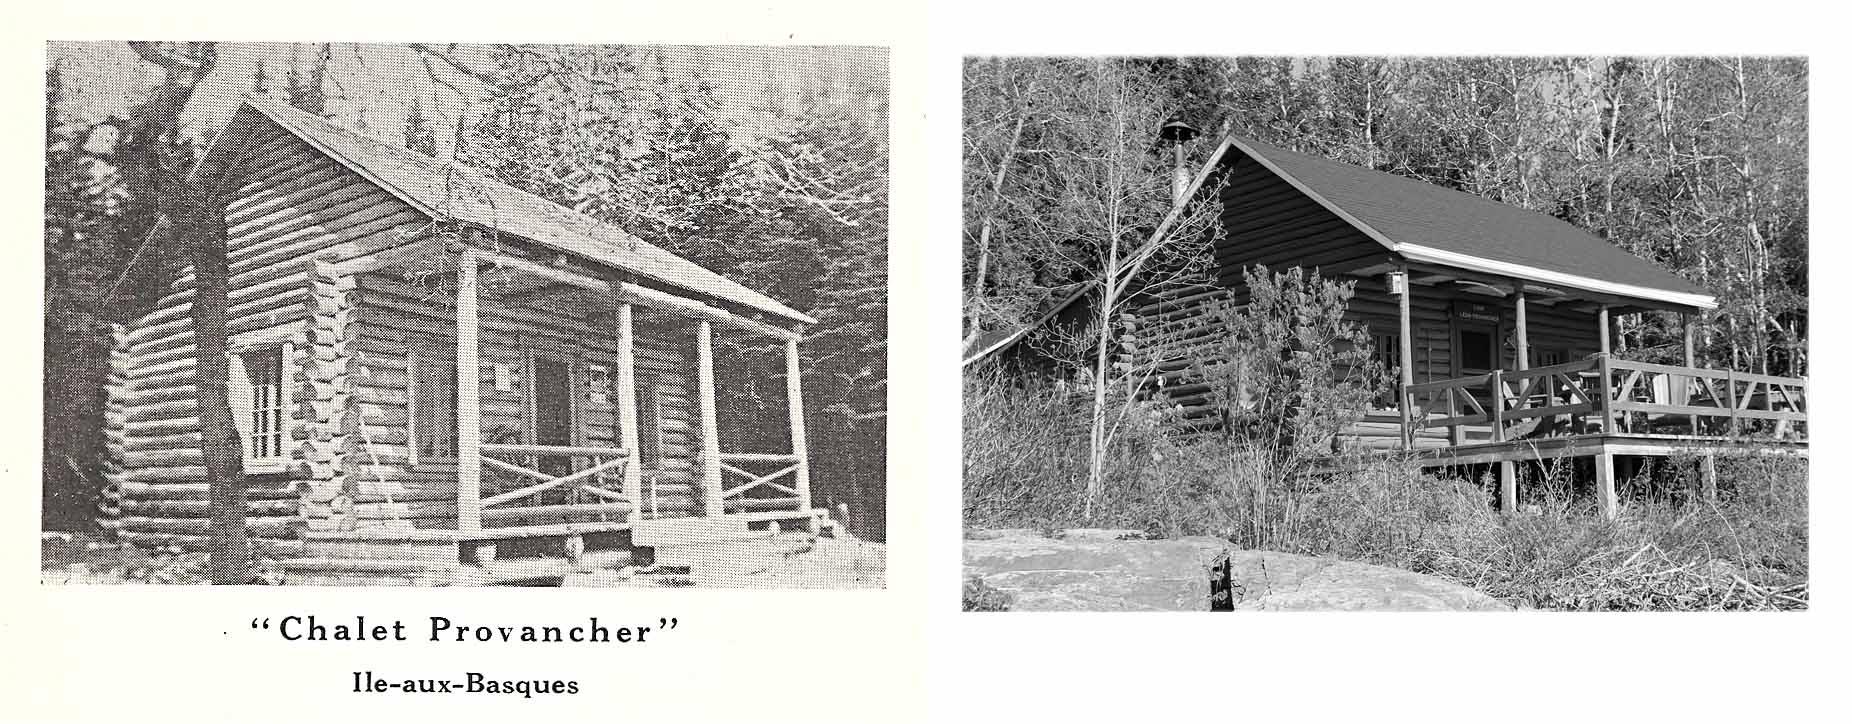 Gracieuseté de M. Pierre Laporte. Le Provancher no. 42, p. 14-15.